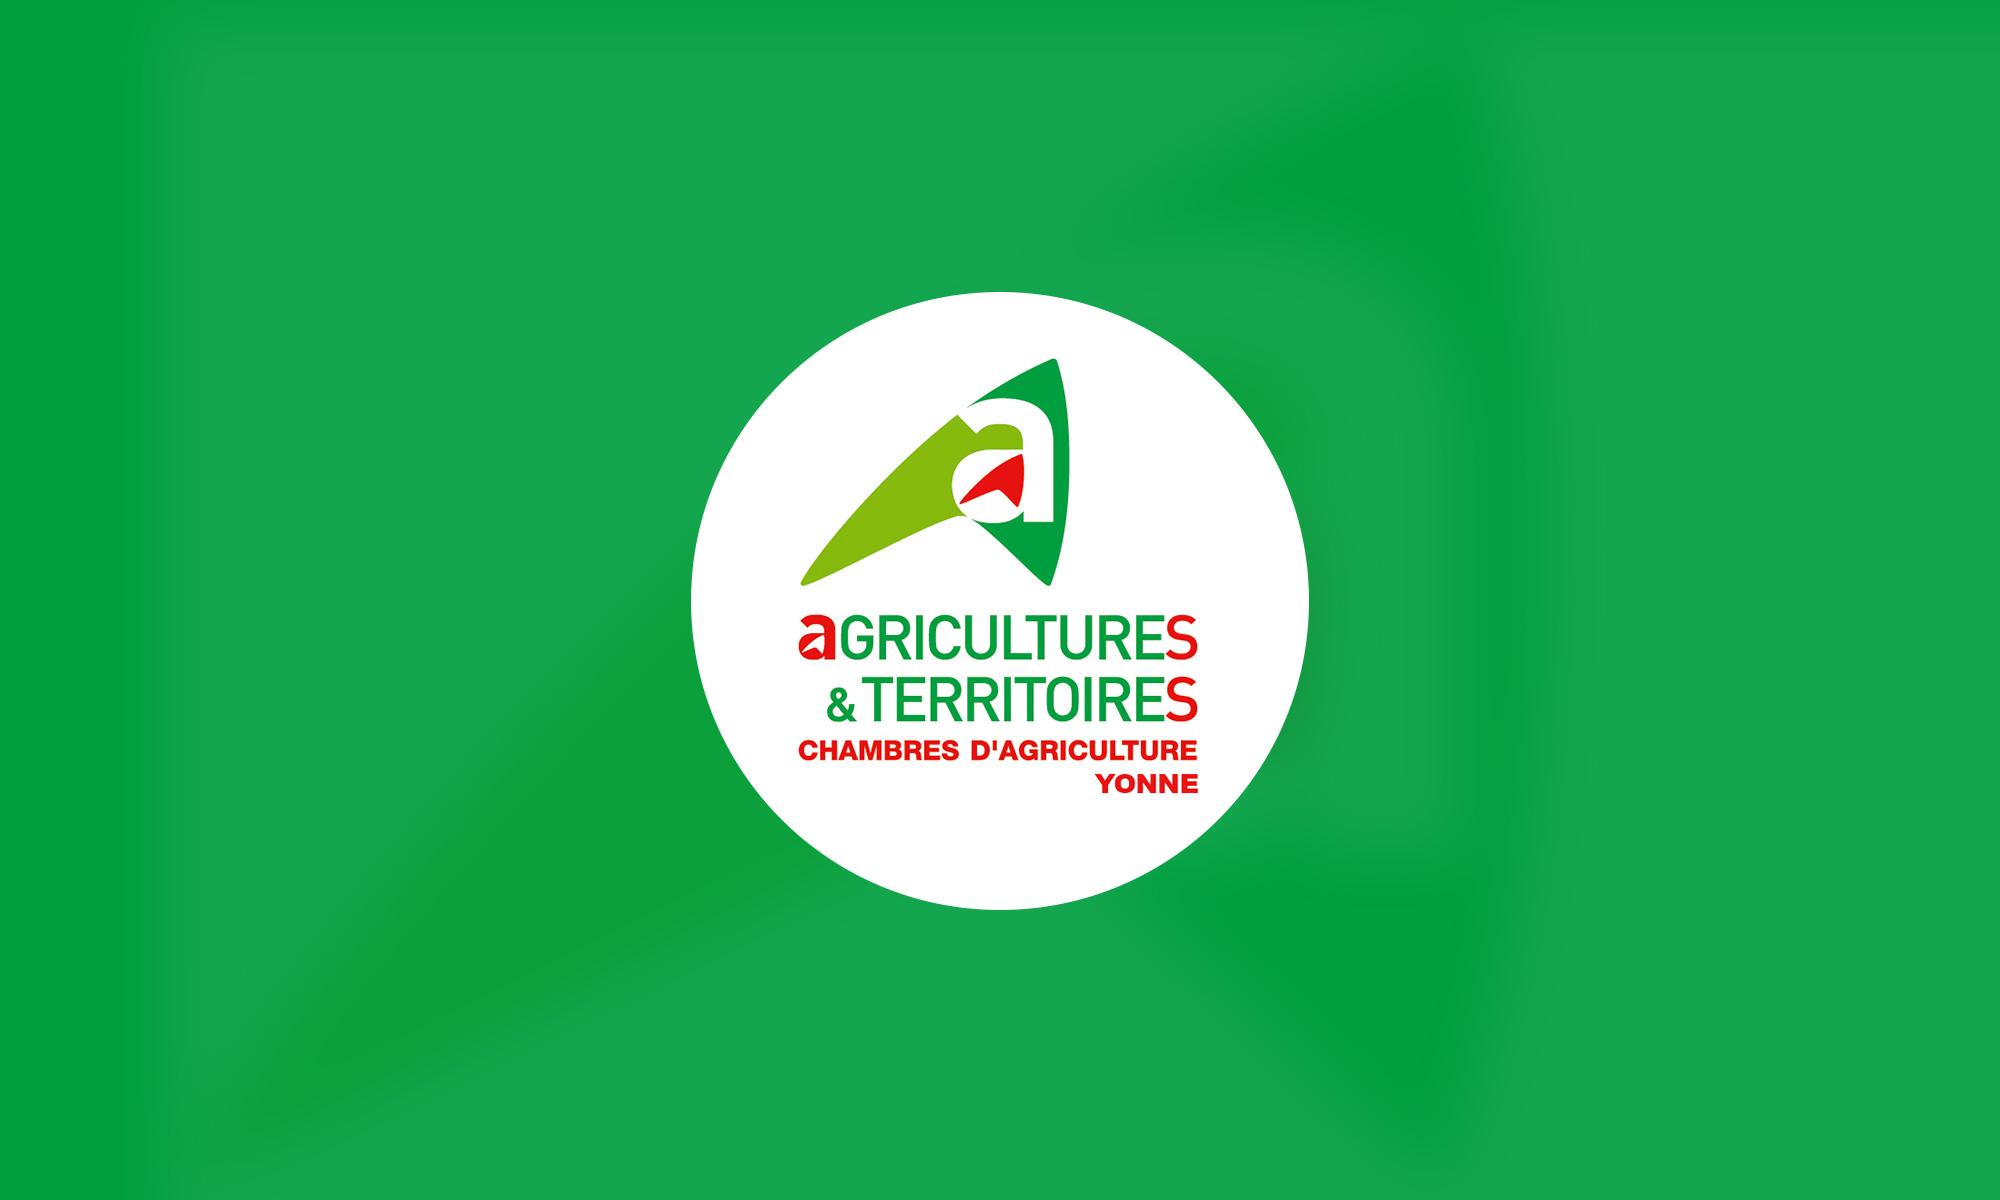 La chambre d 39 agriculture de l 39 yonne recrute un e juriste - Chambre d agriculture de la mayenne ...